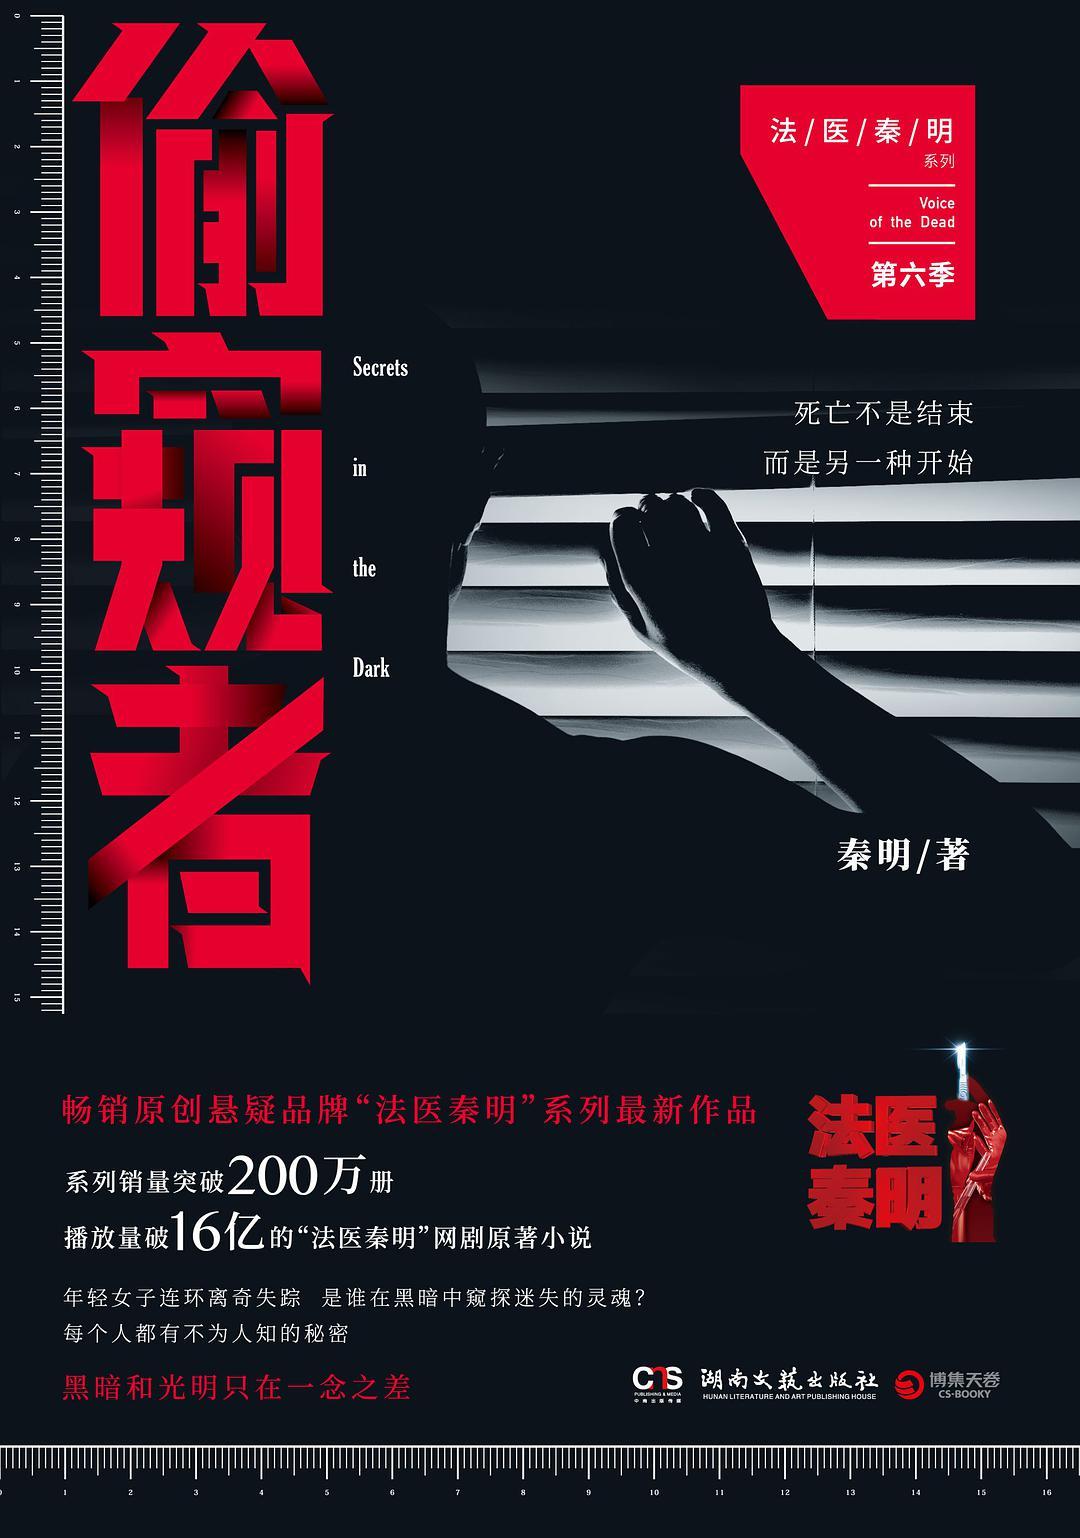 法医秦明系列:偷窥者